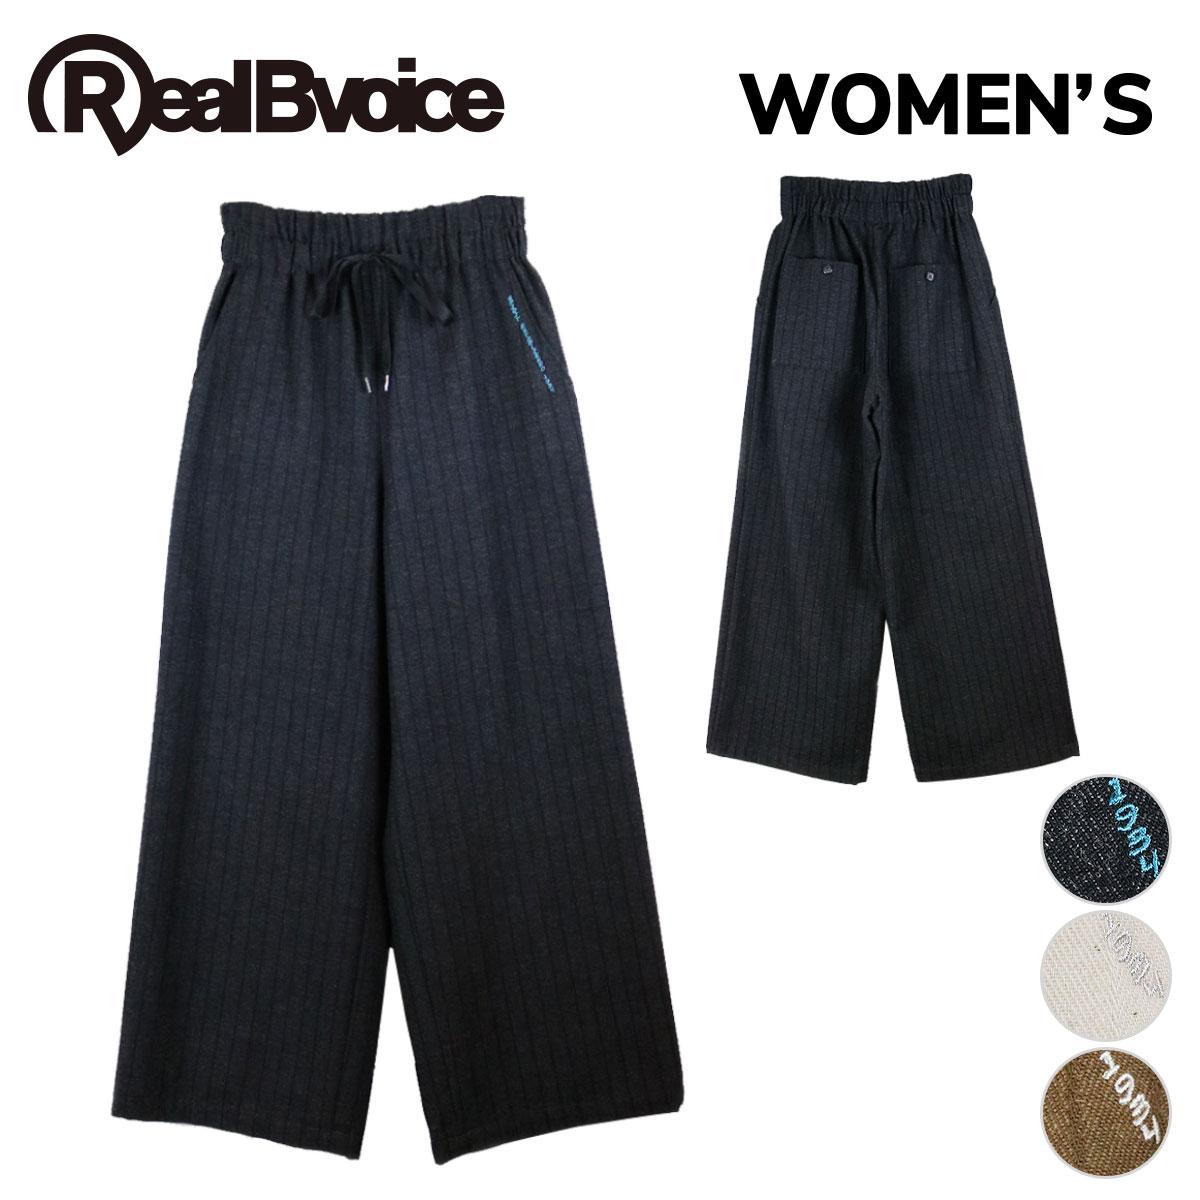 リアルビーボイス RealBvoice レディース ウィメンズ パンツ ボトムス セットアップ MADE IN JAPAN WOOL HERRINGBONE PANTS